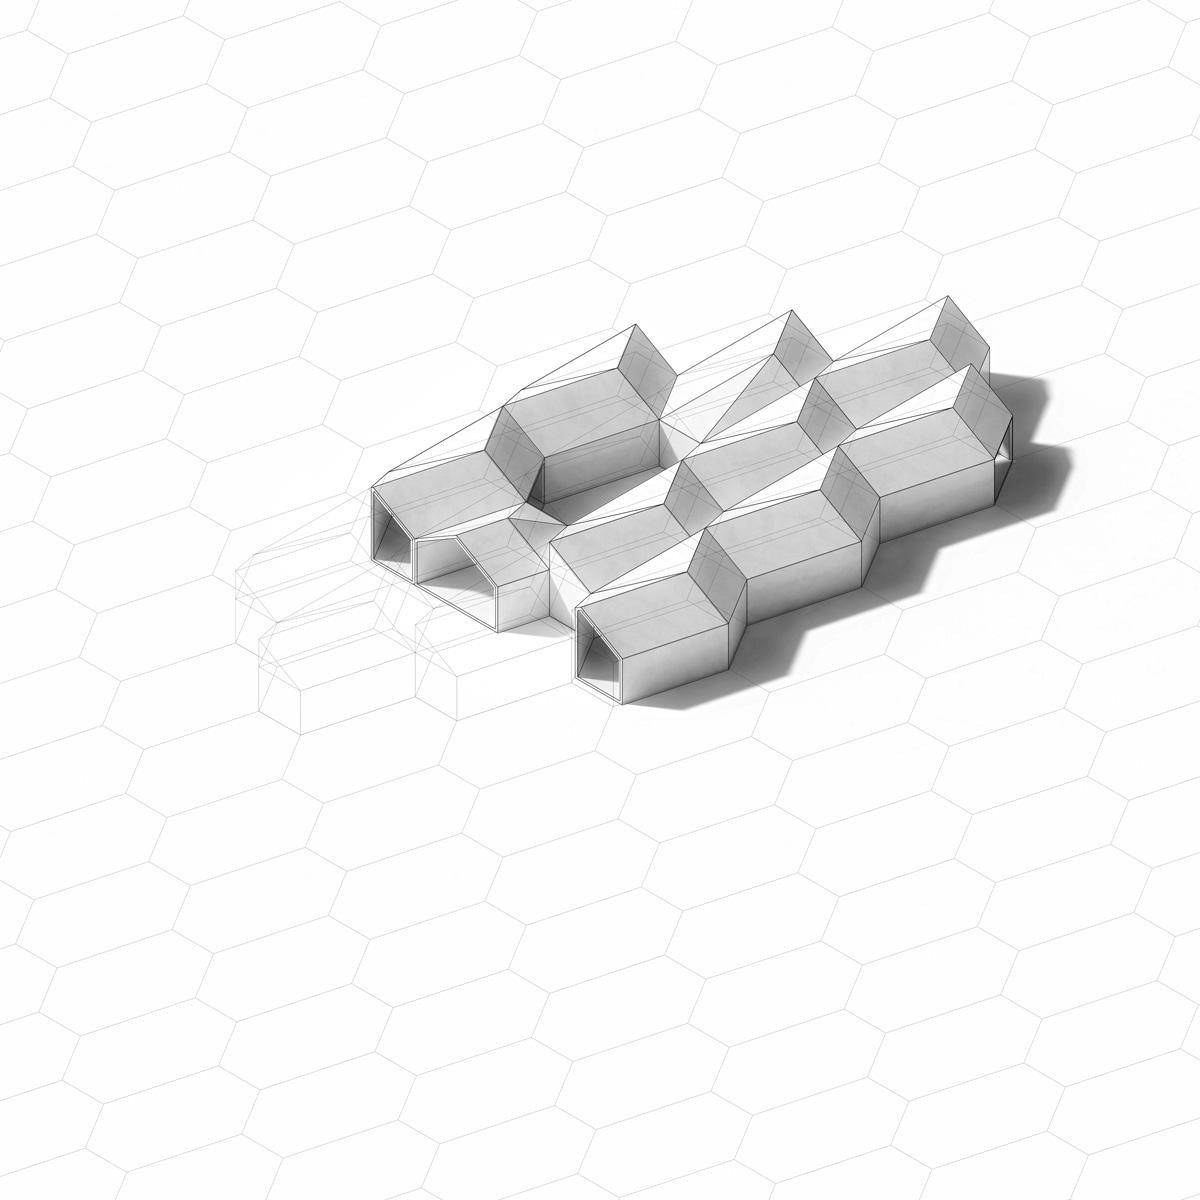 cluster--06.jpg